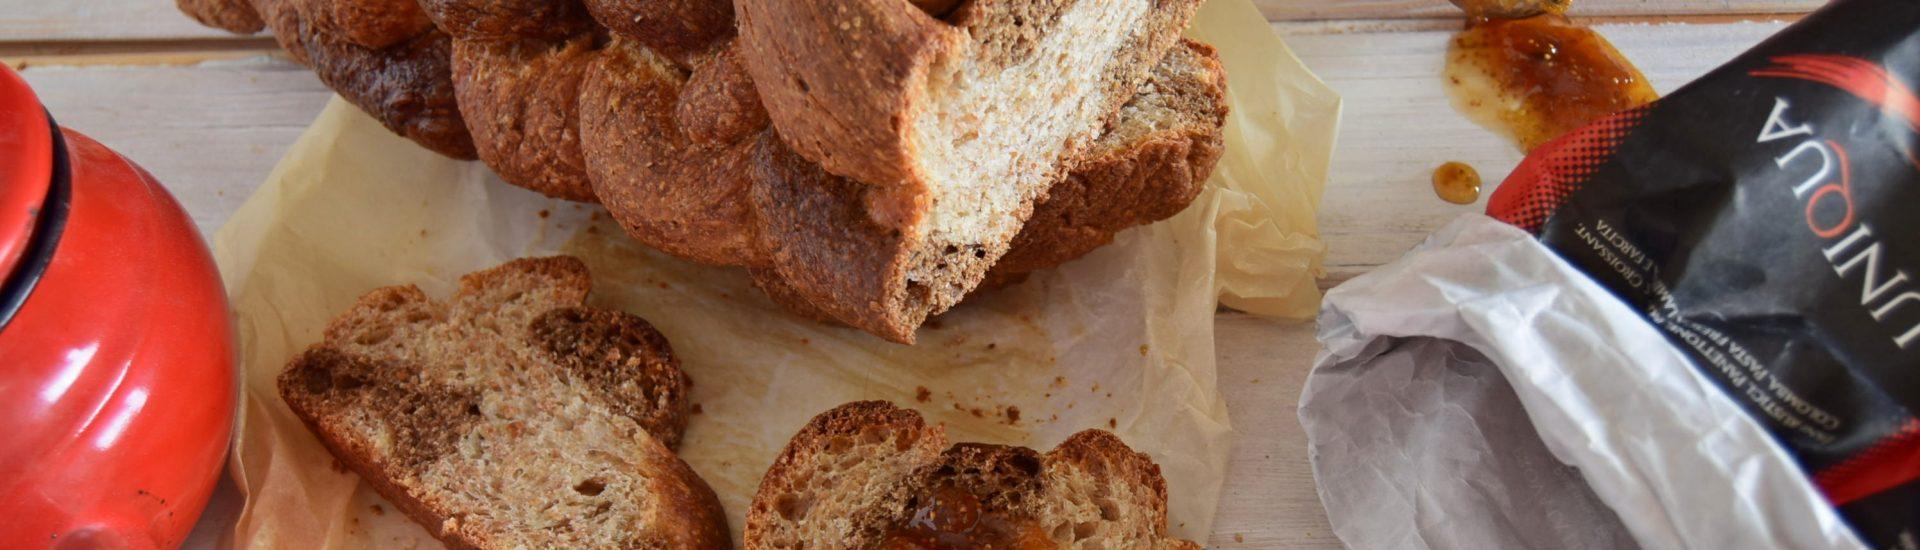 Treccia di pane dolce a 6 capi con orzo e farina integrale